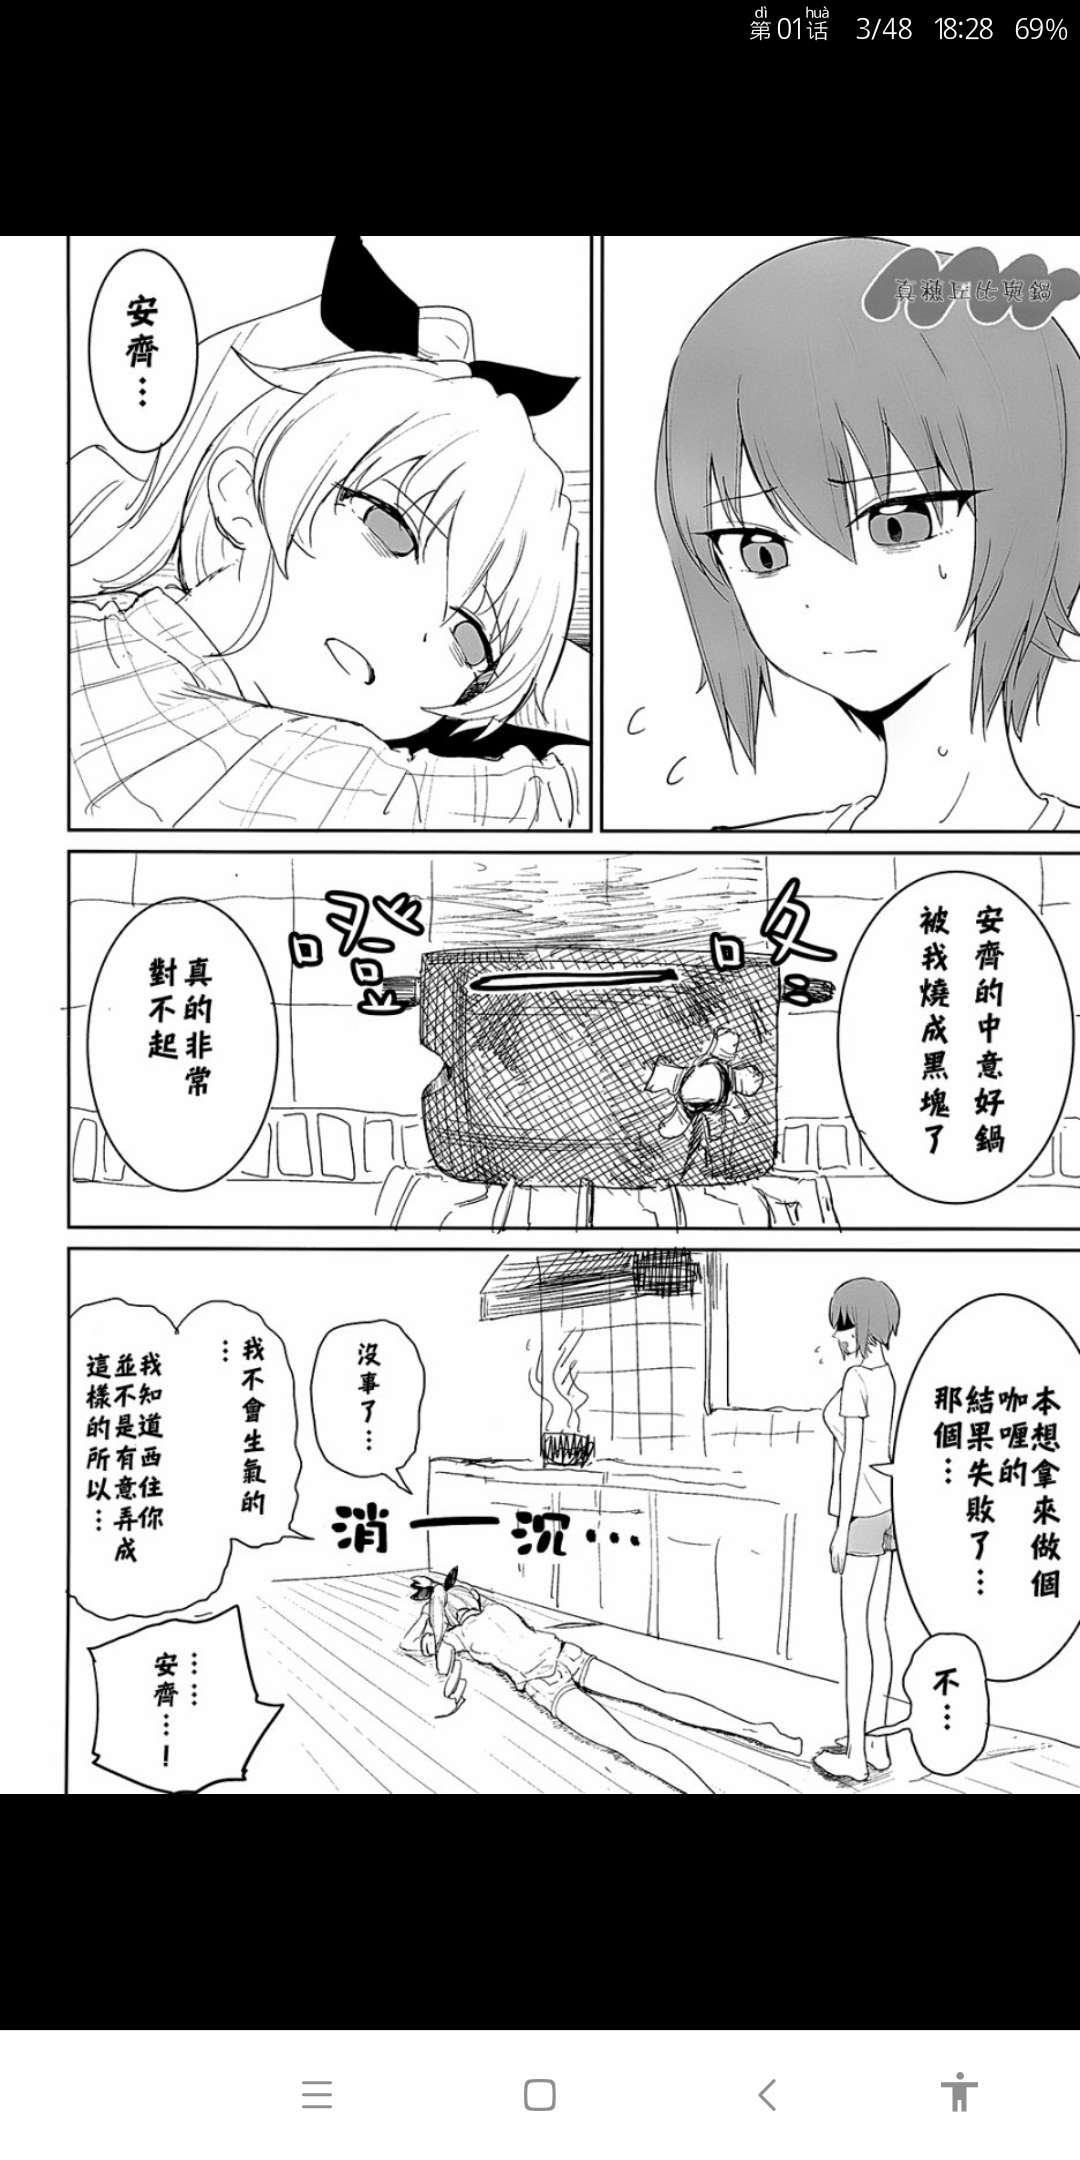 【漫画】真穗与丘比还没有开始交往,我爱二次元杨帅